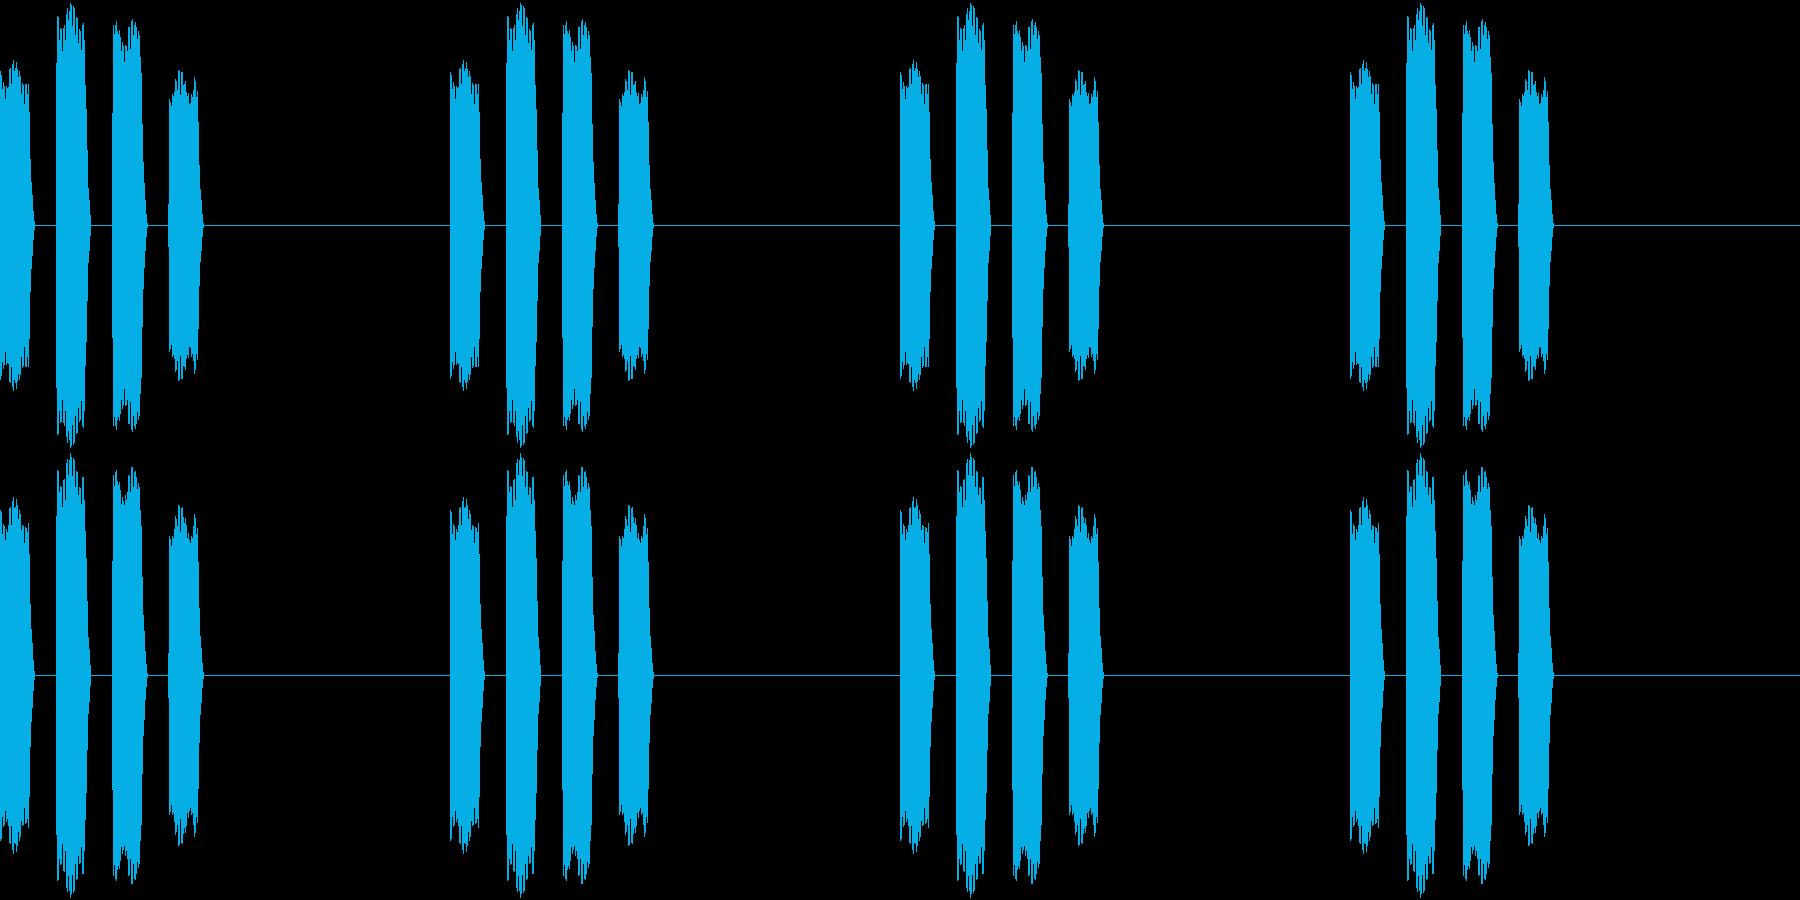 Thermo 体温計の音 ピピピピッ 1の再生済みの波形